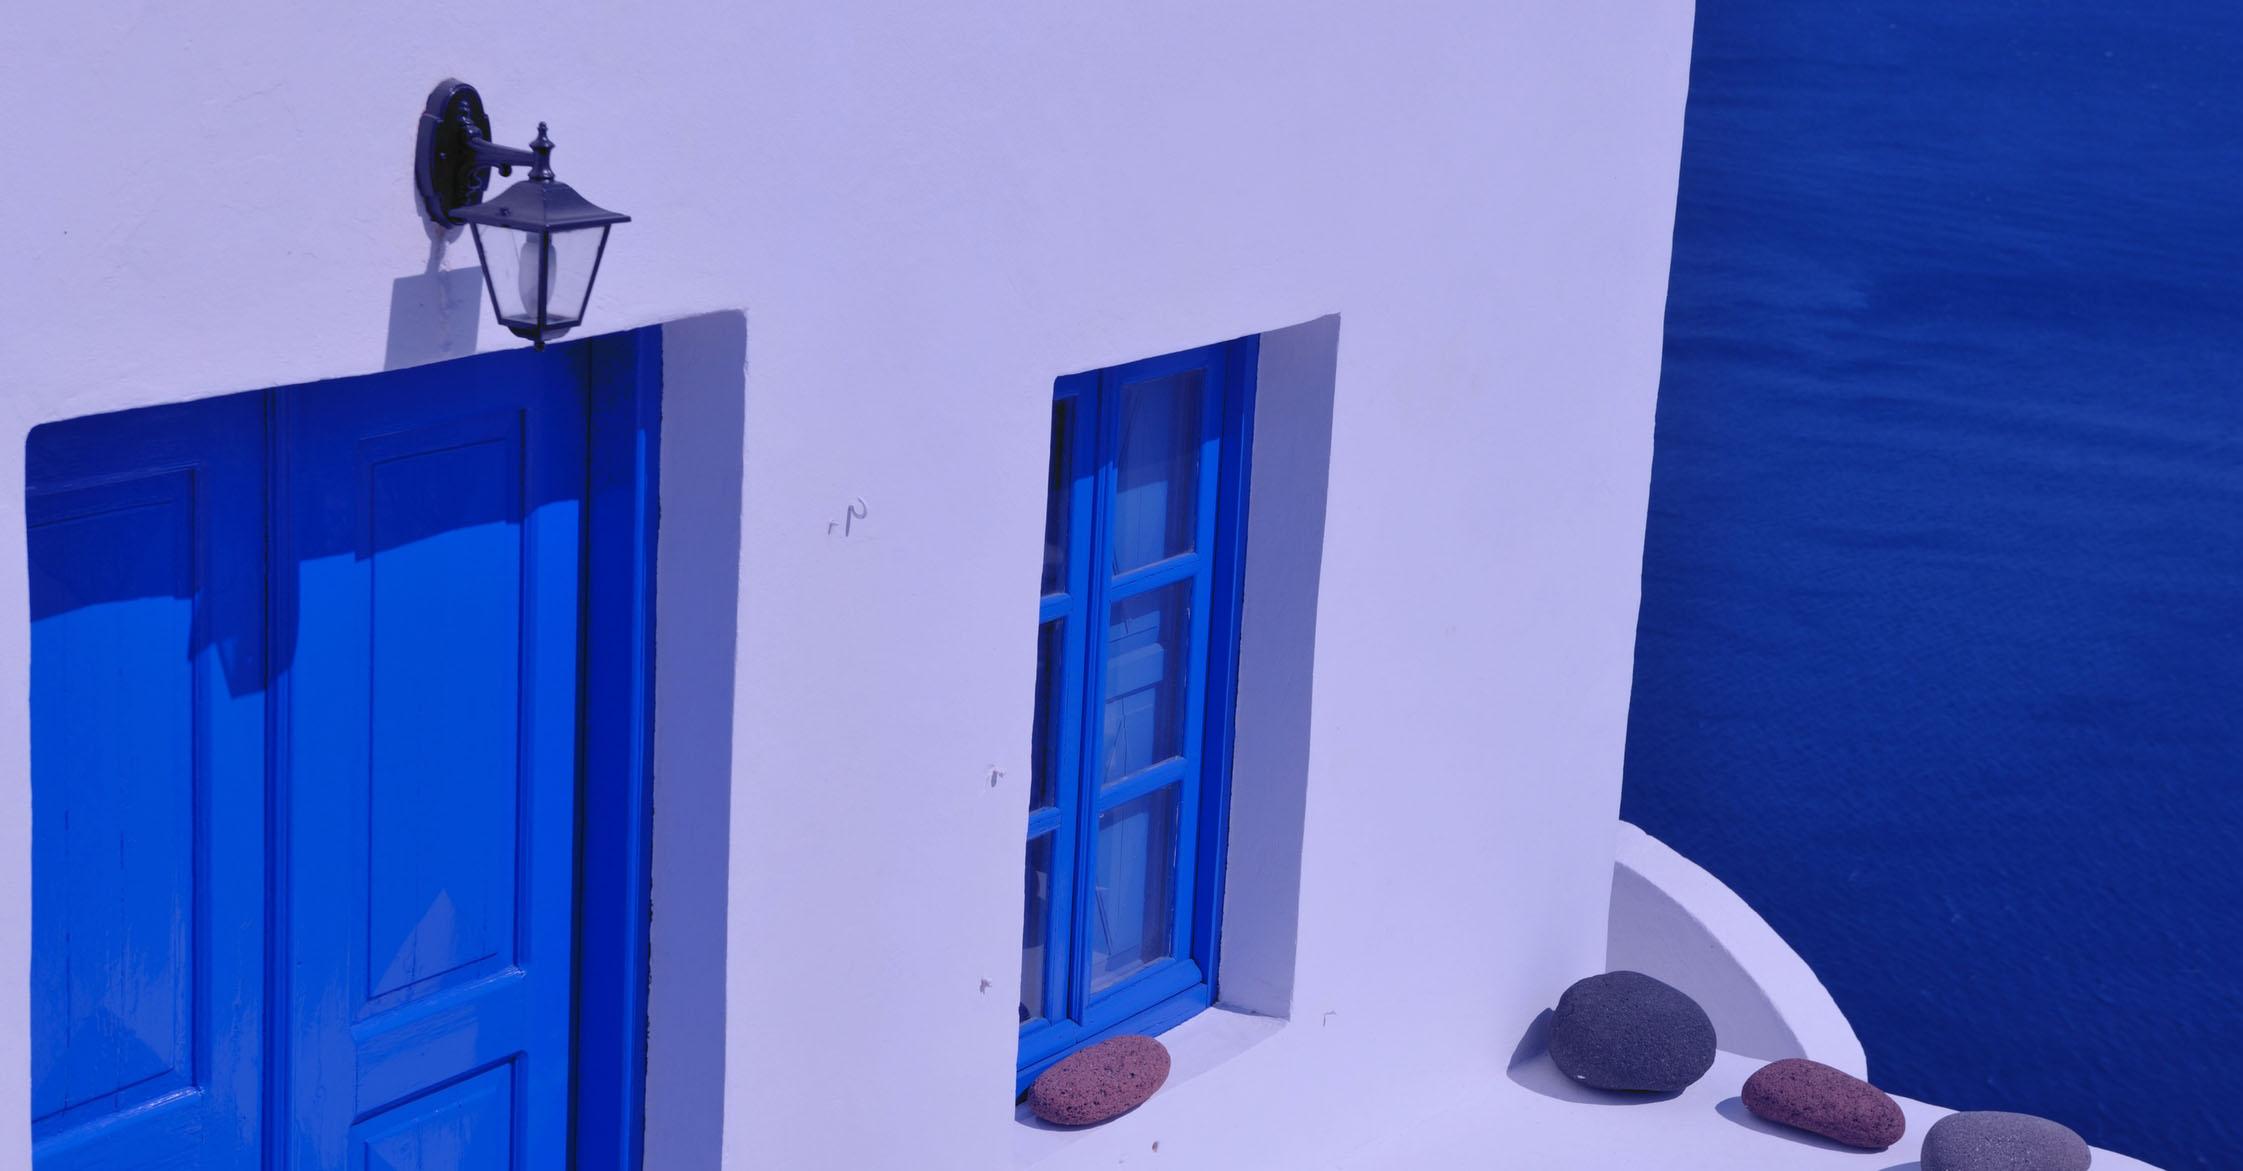 Aislante t rmico para techos y paredes shellcoat - Aislante de calor para techos ...